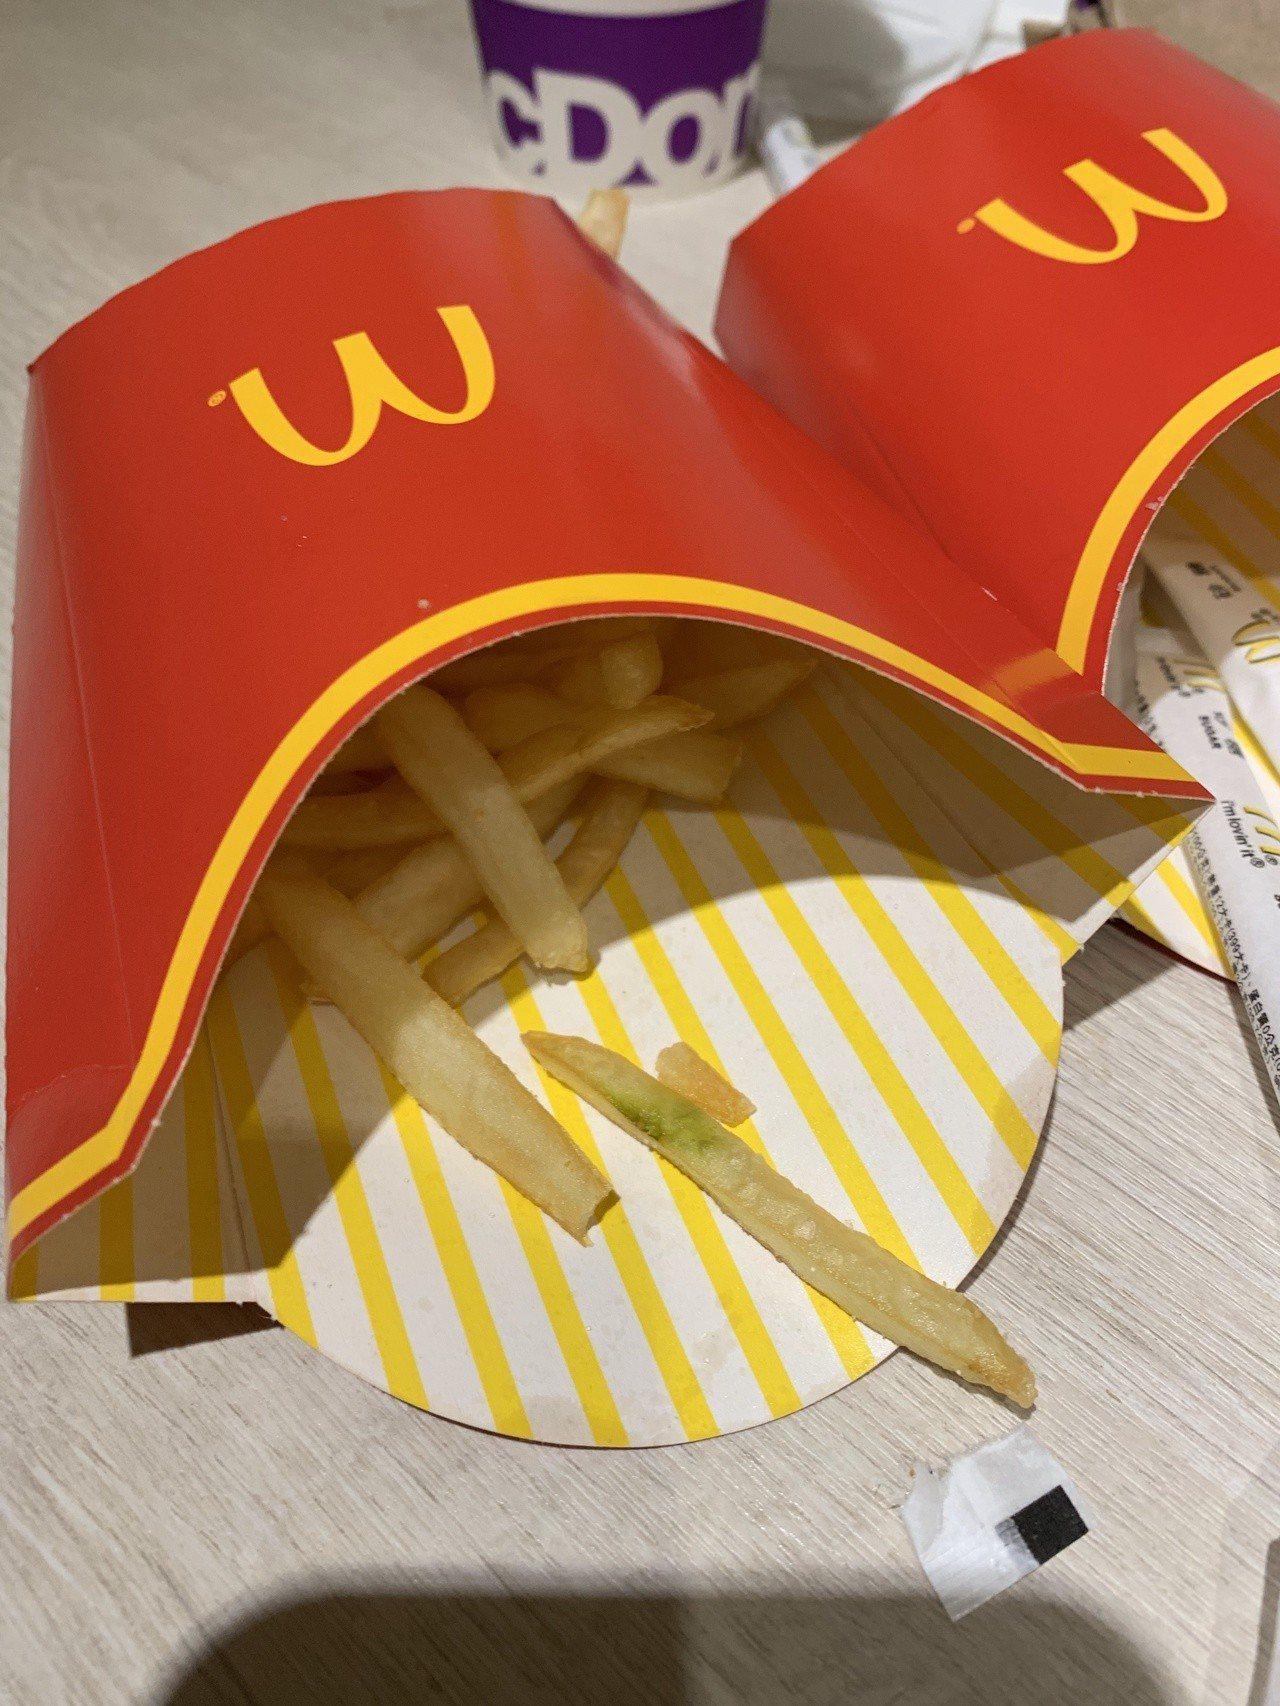 民眾在麥當勞買到「綠薯條」,擔心吃了身體會出問題,嚇得不敢再吃。記者巫鴻瑋/翻攝